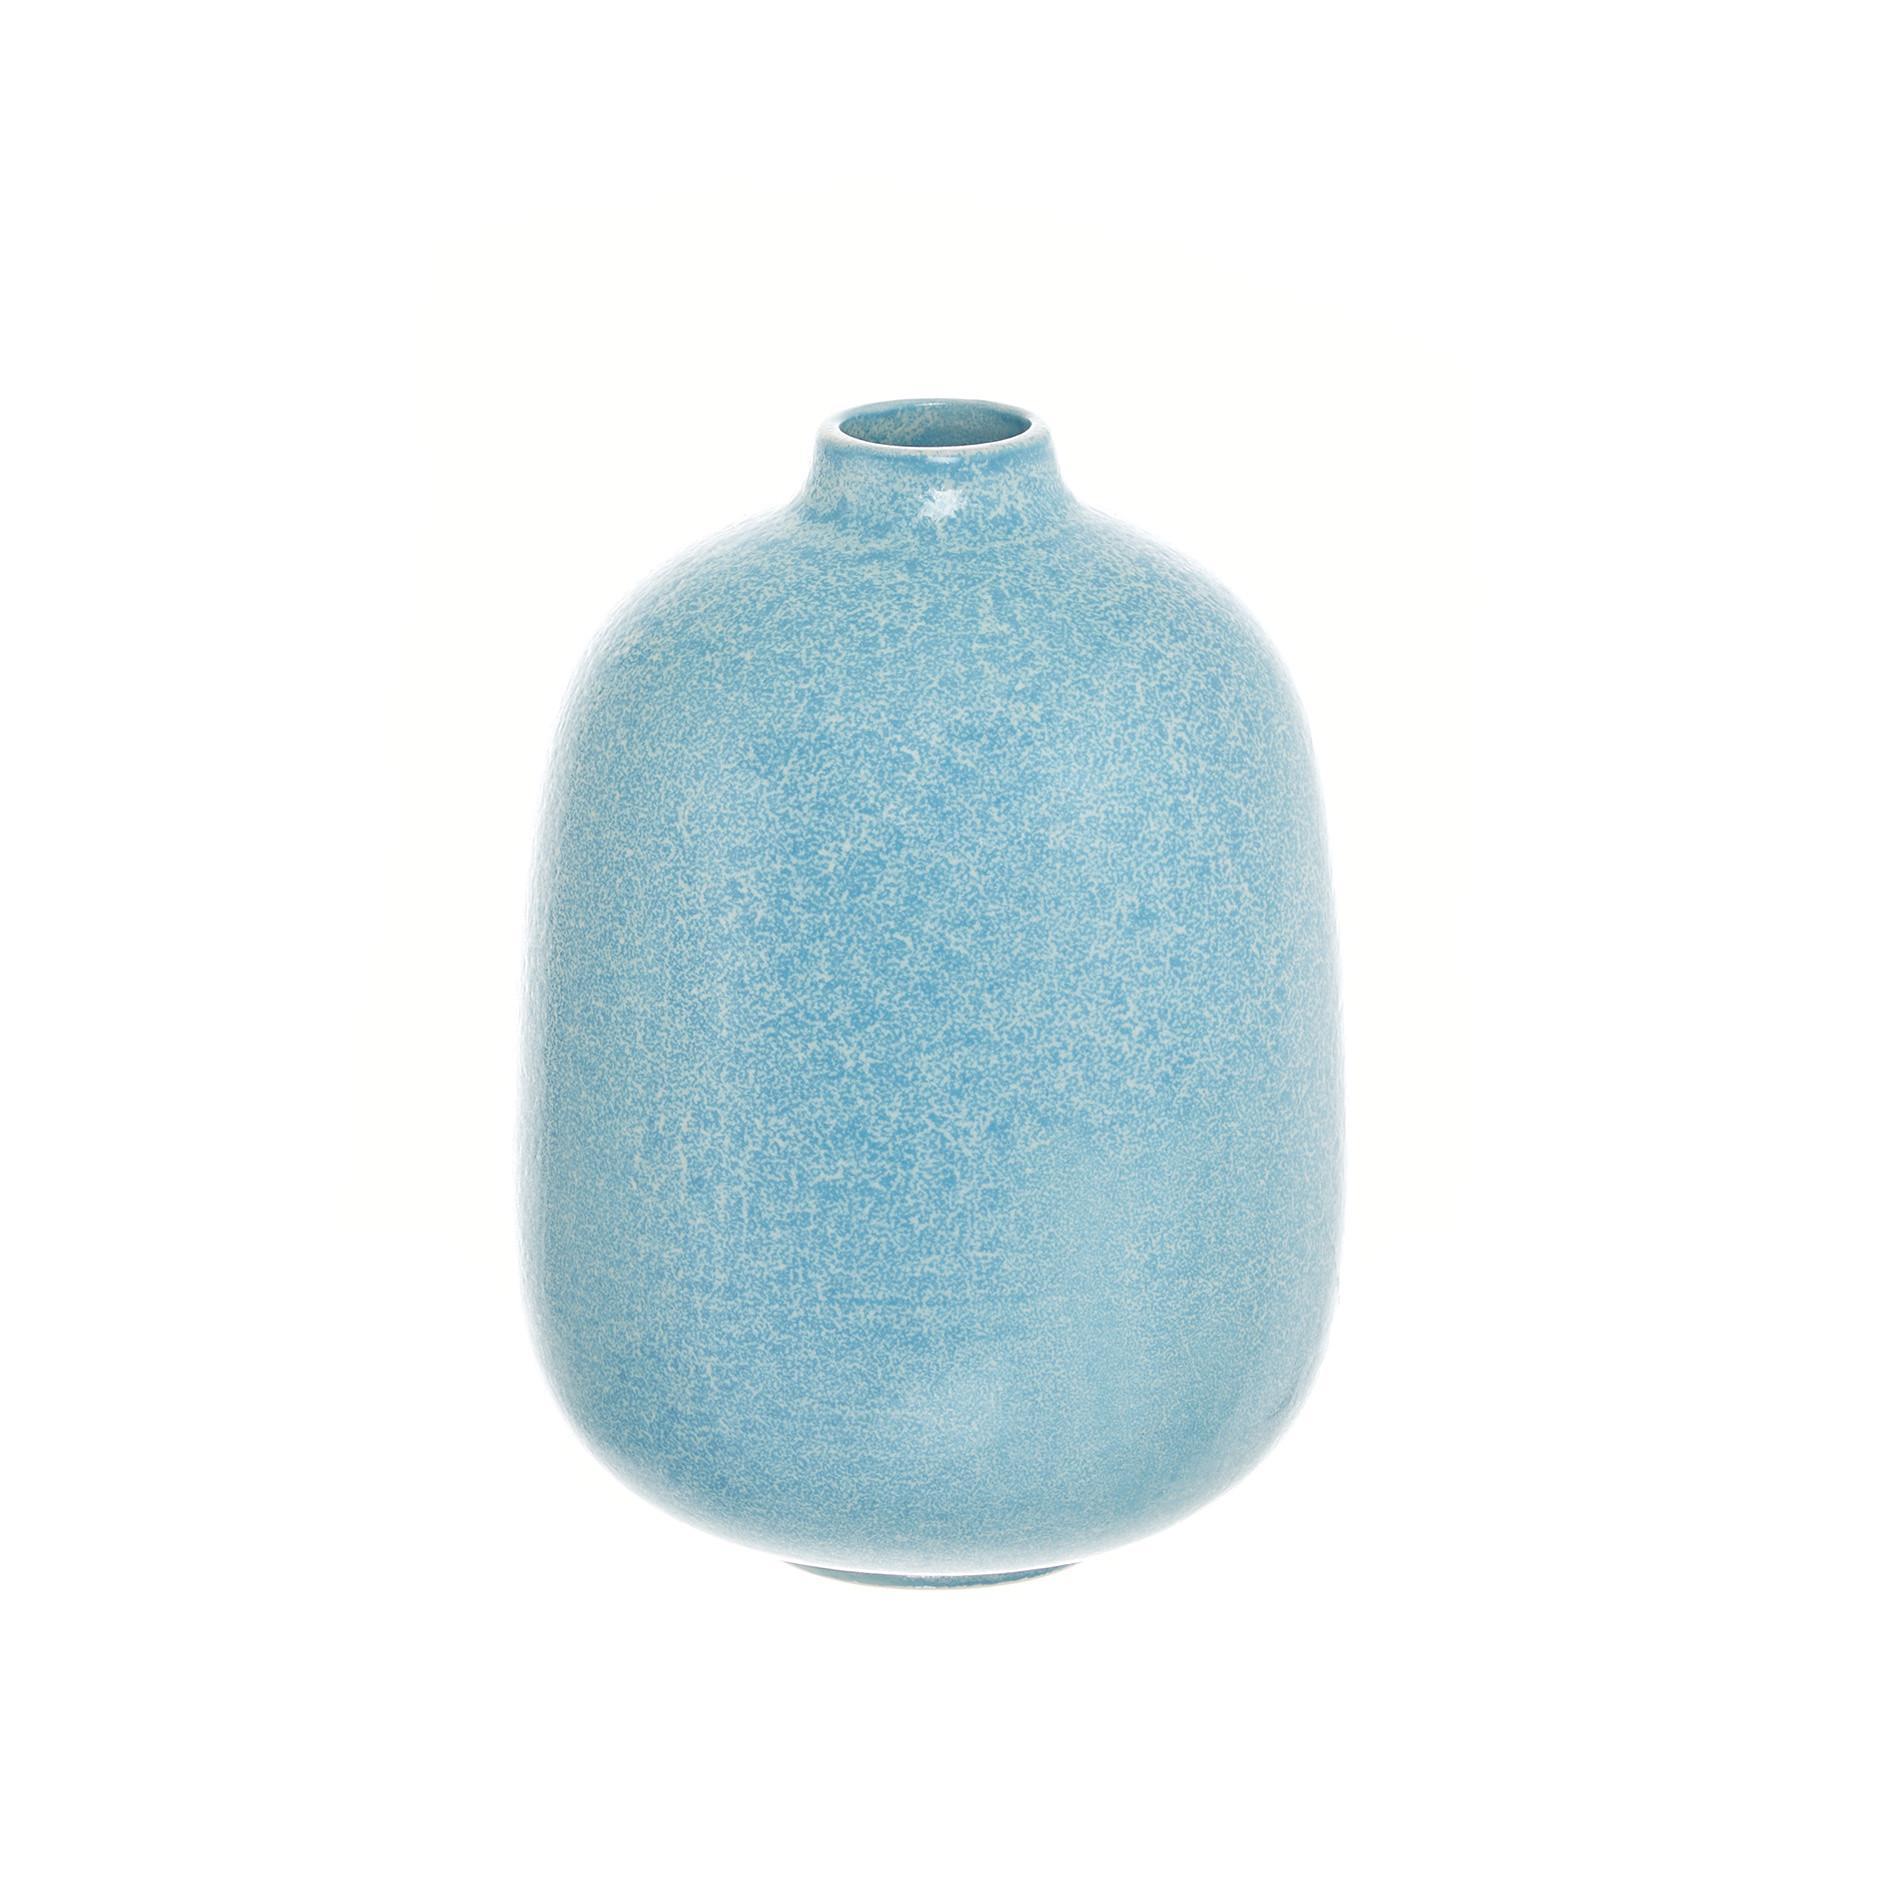 Vaso ceramica artigianale portoghese, Trasparente, large image number 0